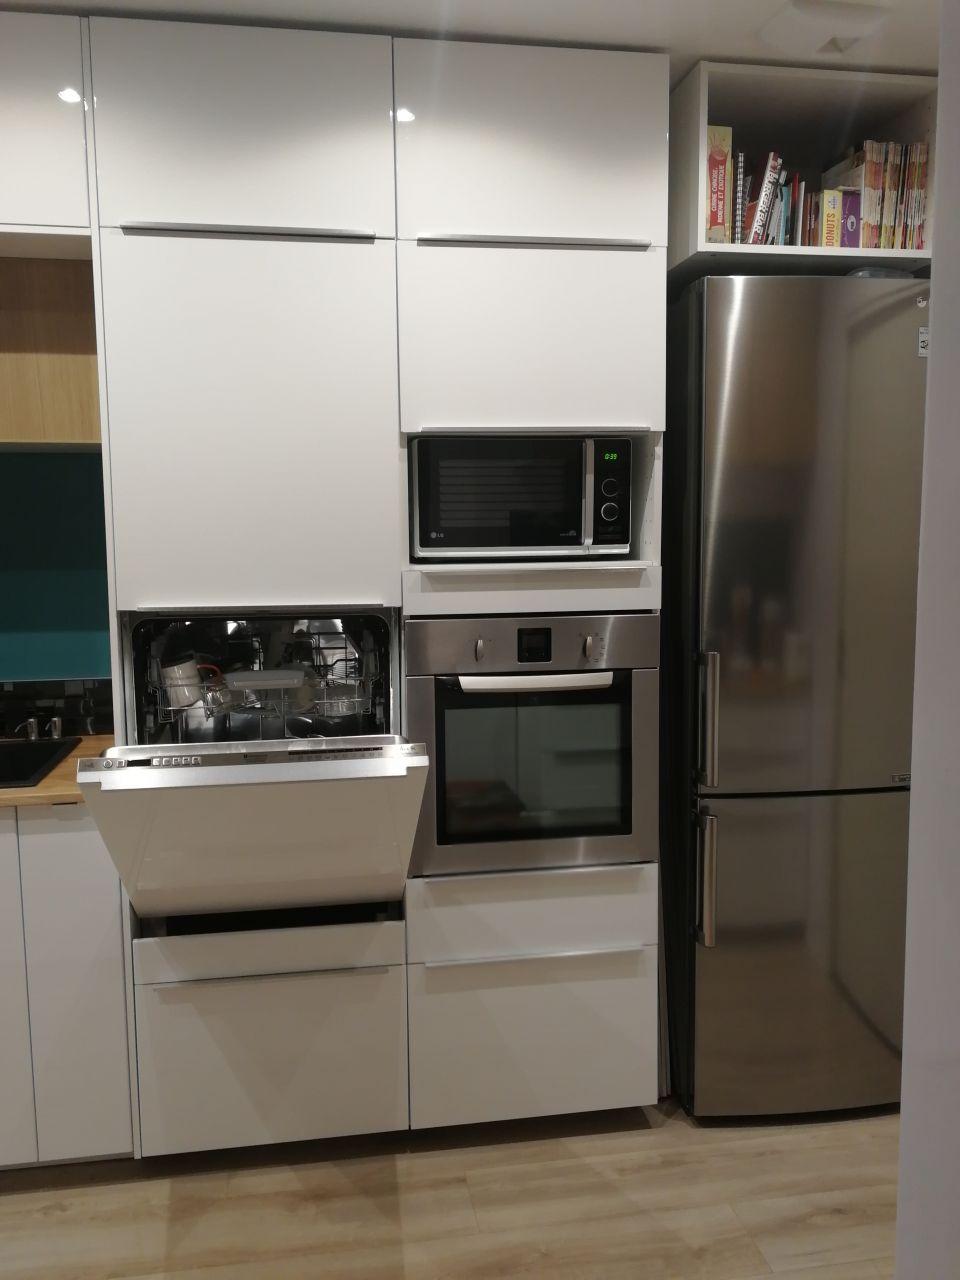 Meuble Sous Plaque Four Ikea lave vaisselle totalement intégrable dans cuisine ikea metod